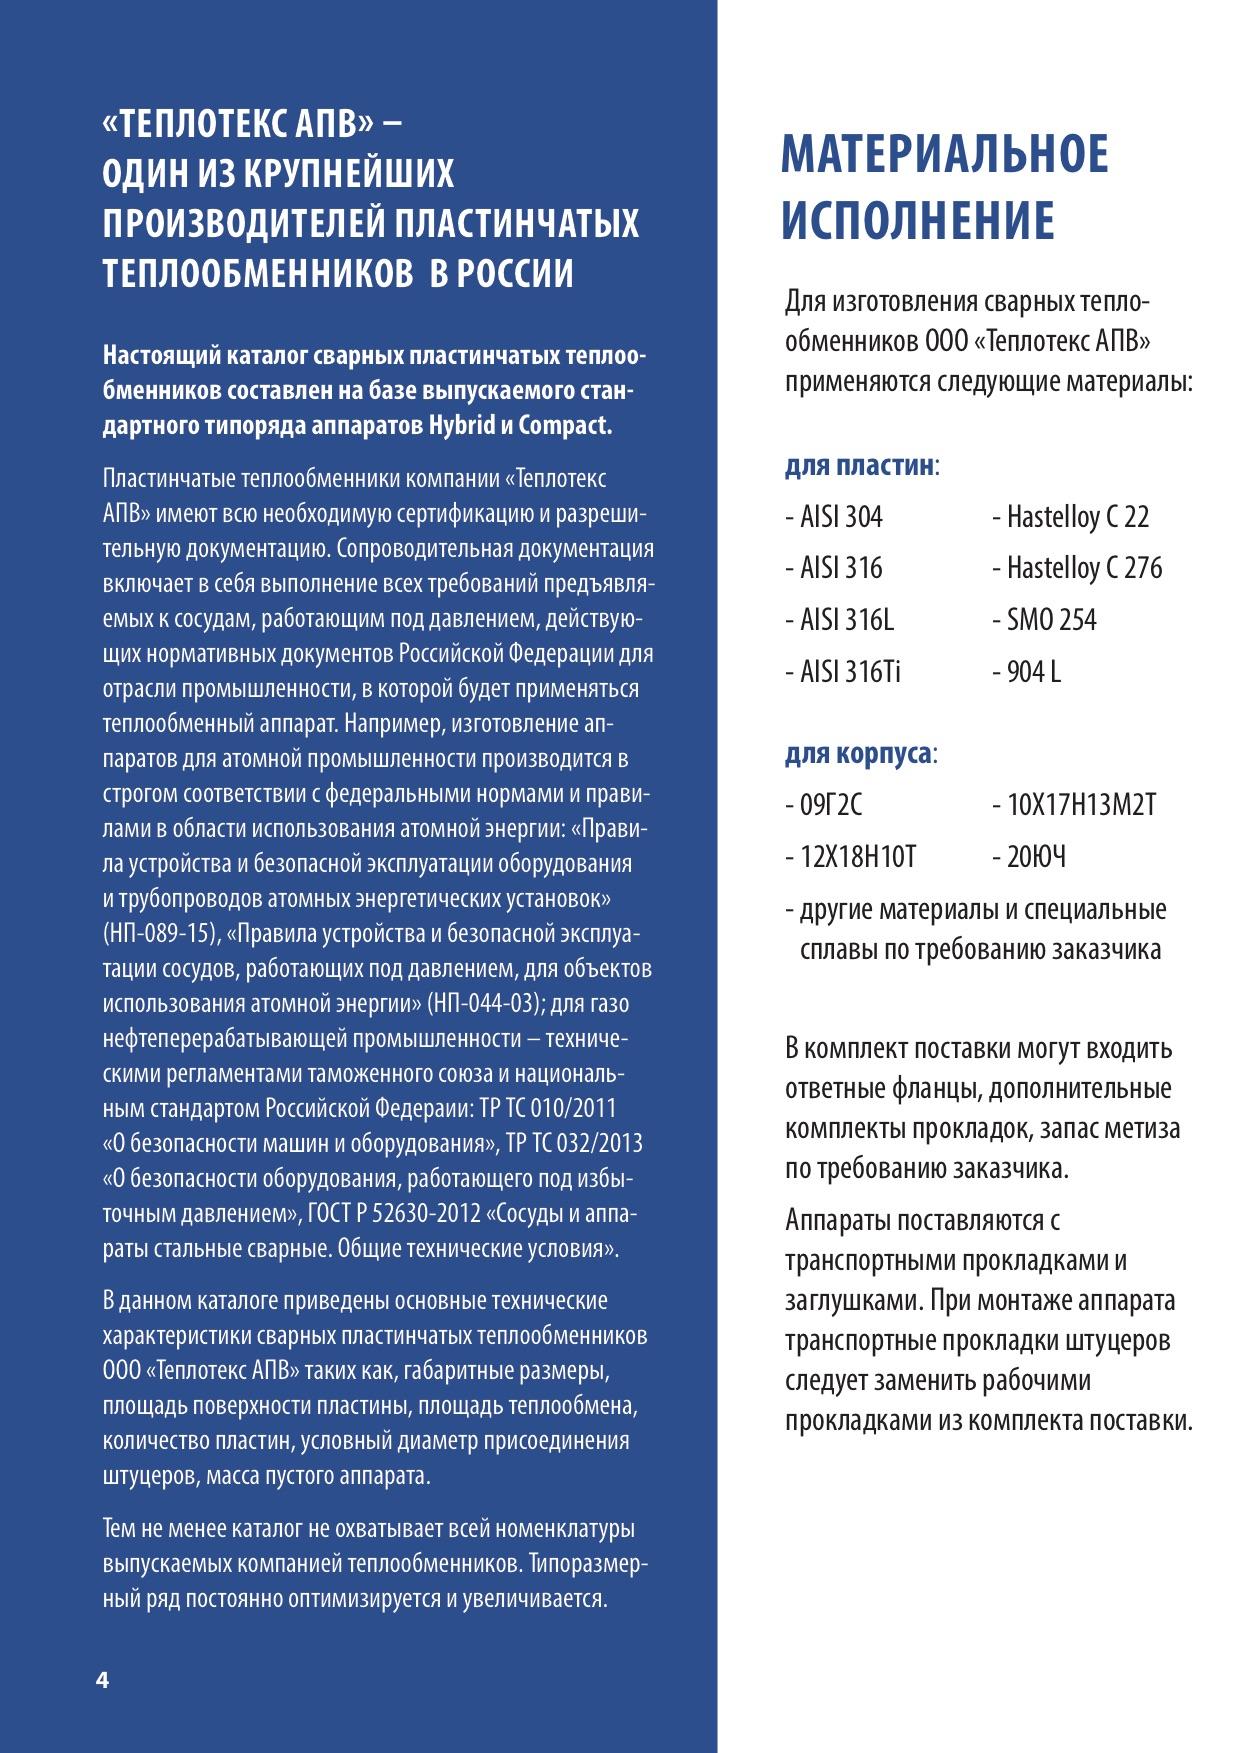 Пластины теплообменника Теплотекс 20A Обнинск Кожухотрубный испаритель Alfa Laval DM3-417-3 Ноябрьск